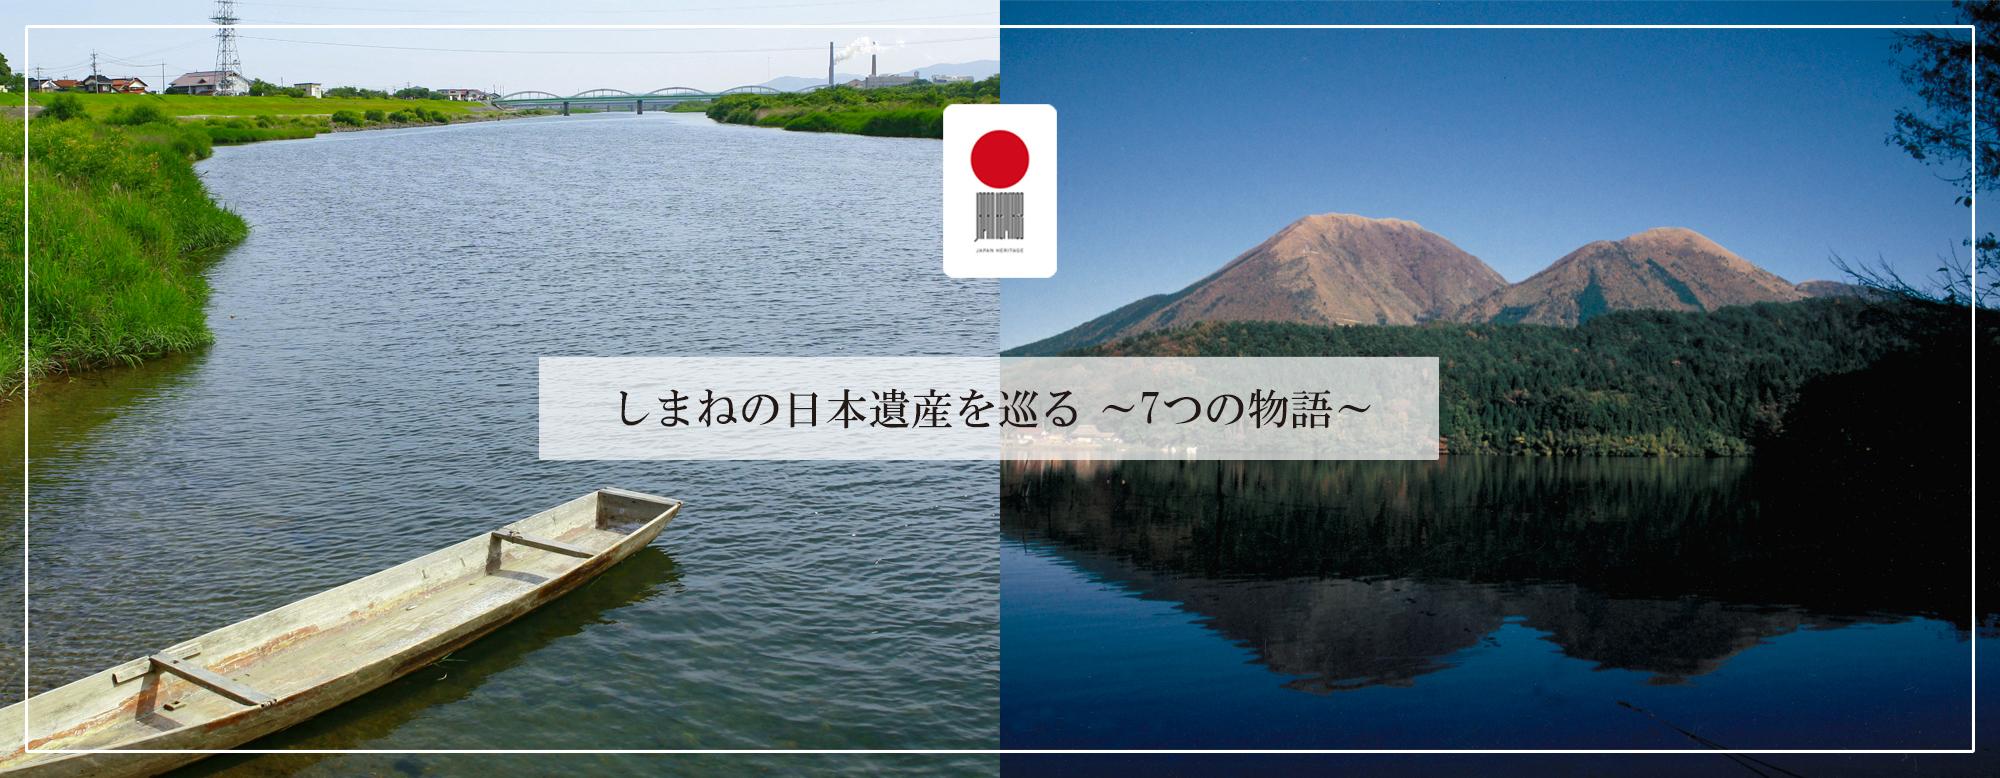 しまねの日本遺産を巡る